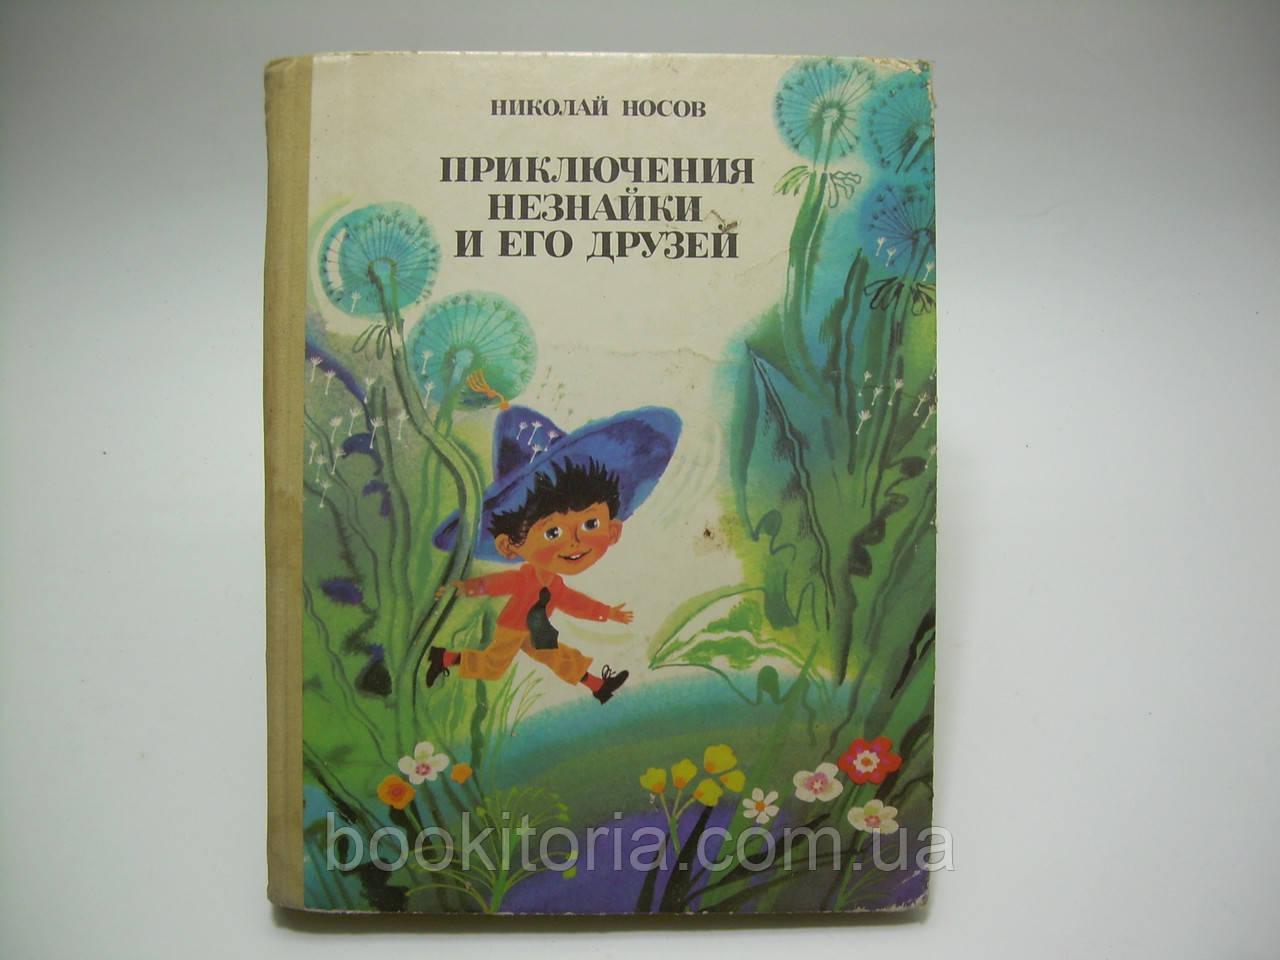 Носов Н.Н. Приключения незнайки и его друзей (б/у).